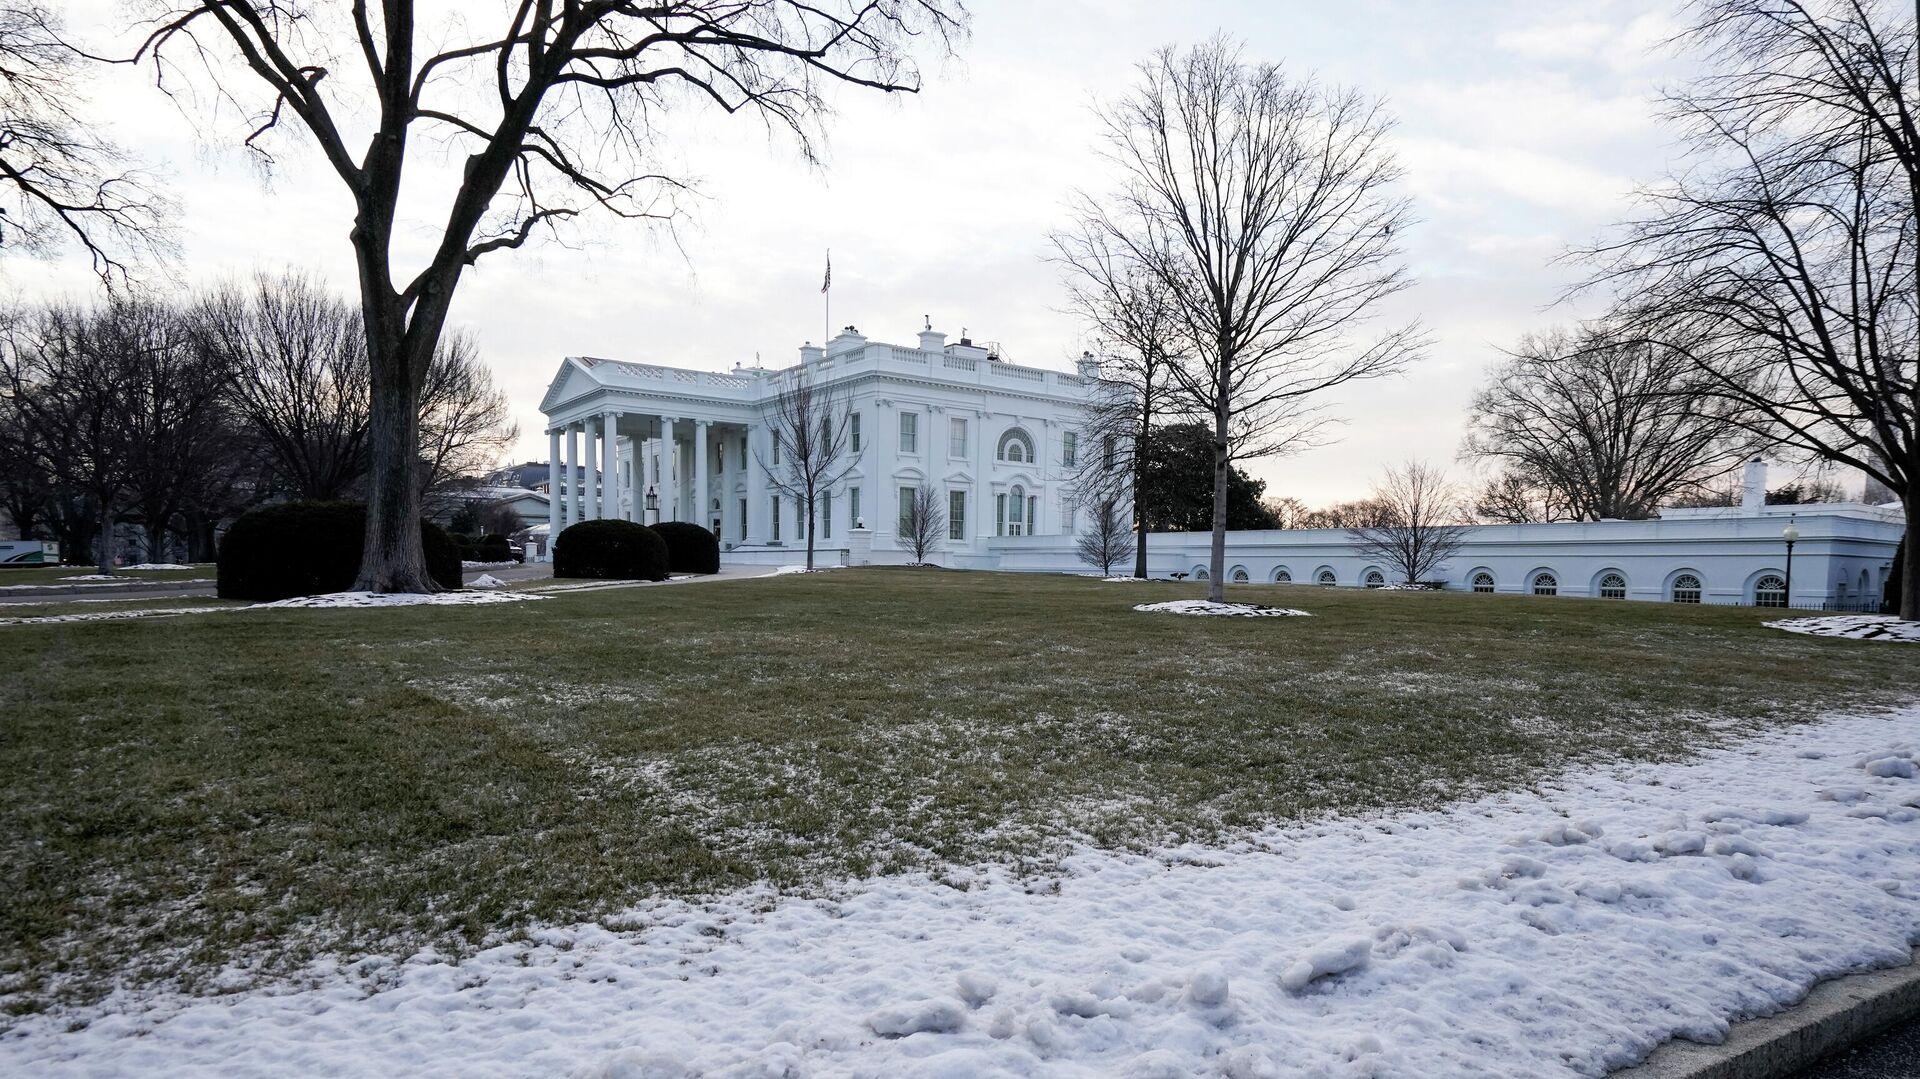 Здание Белого дома в Вашингтоне, США - РИА Новости, 1920, 28.02.2021